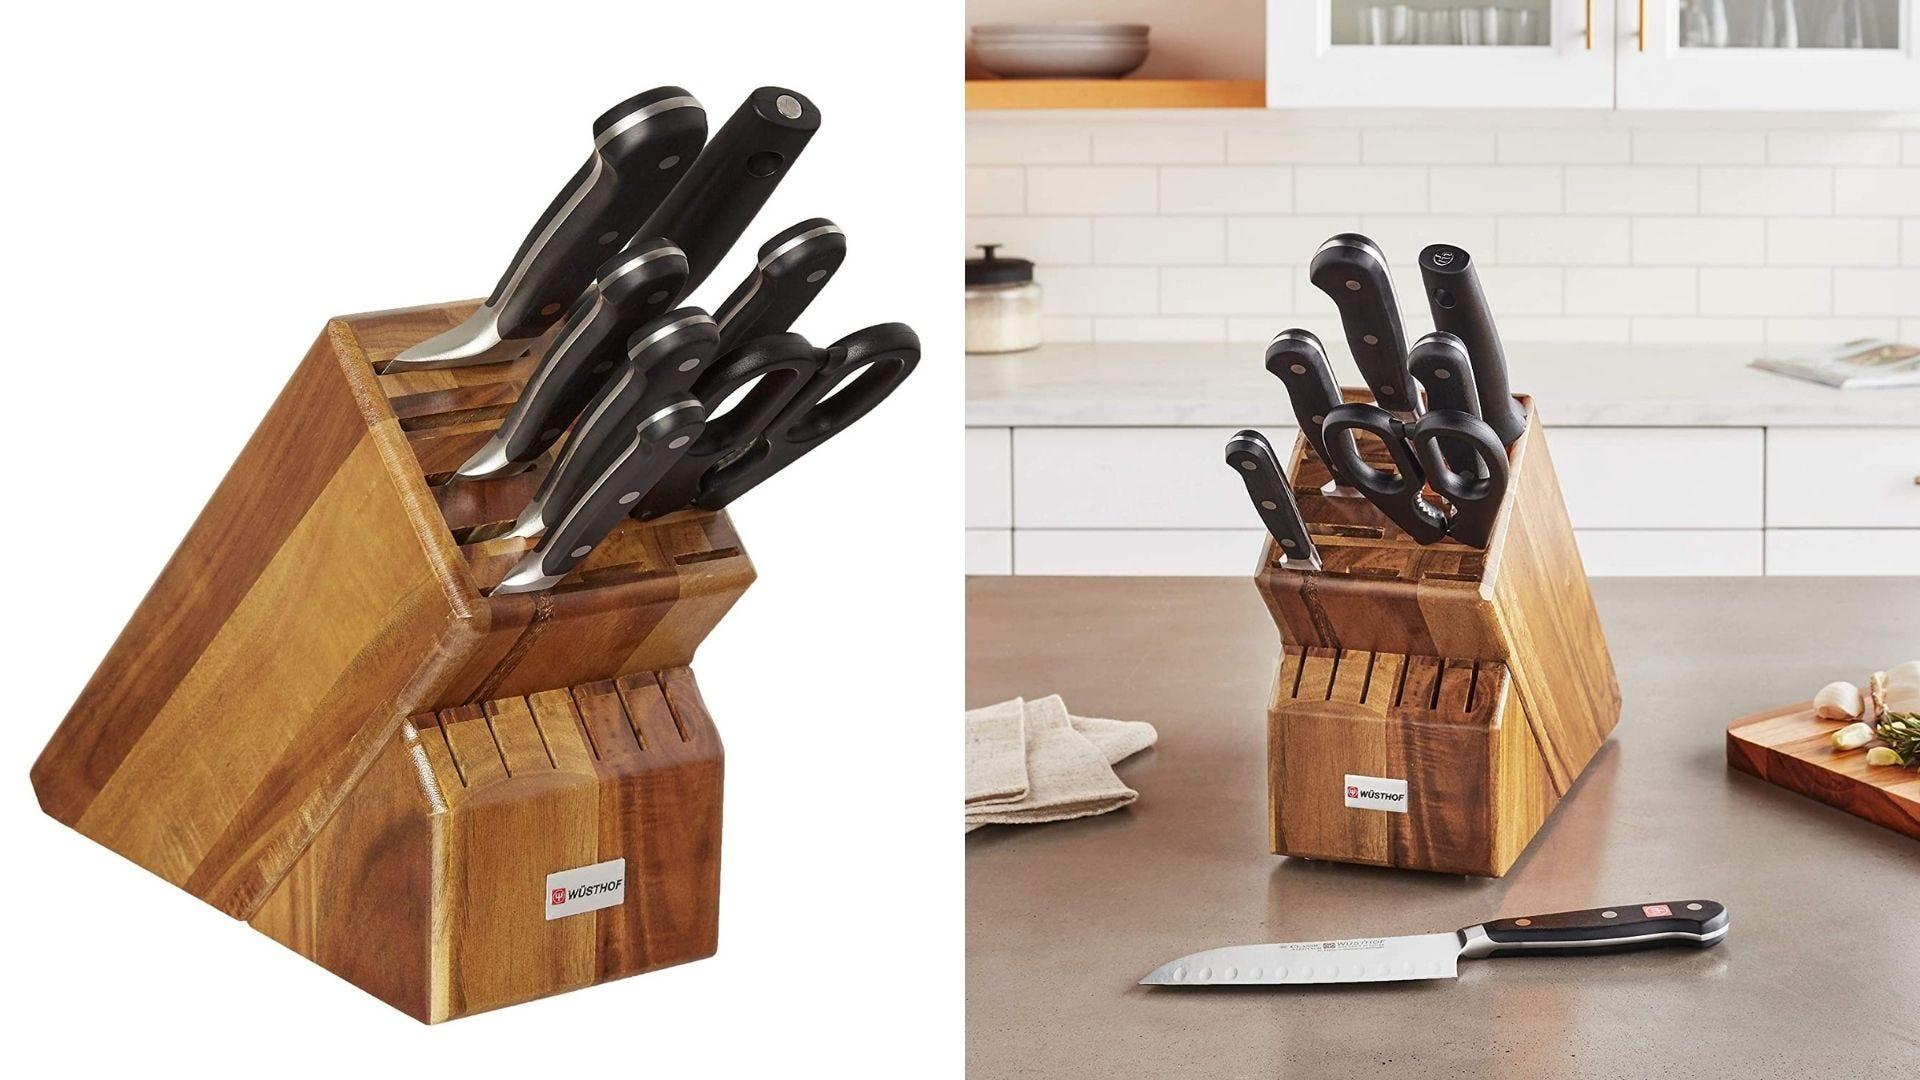 A Wüsthof knife block set.